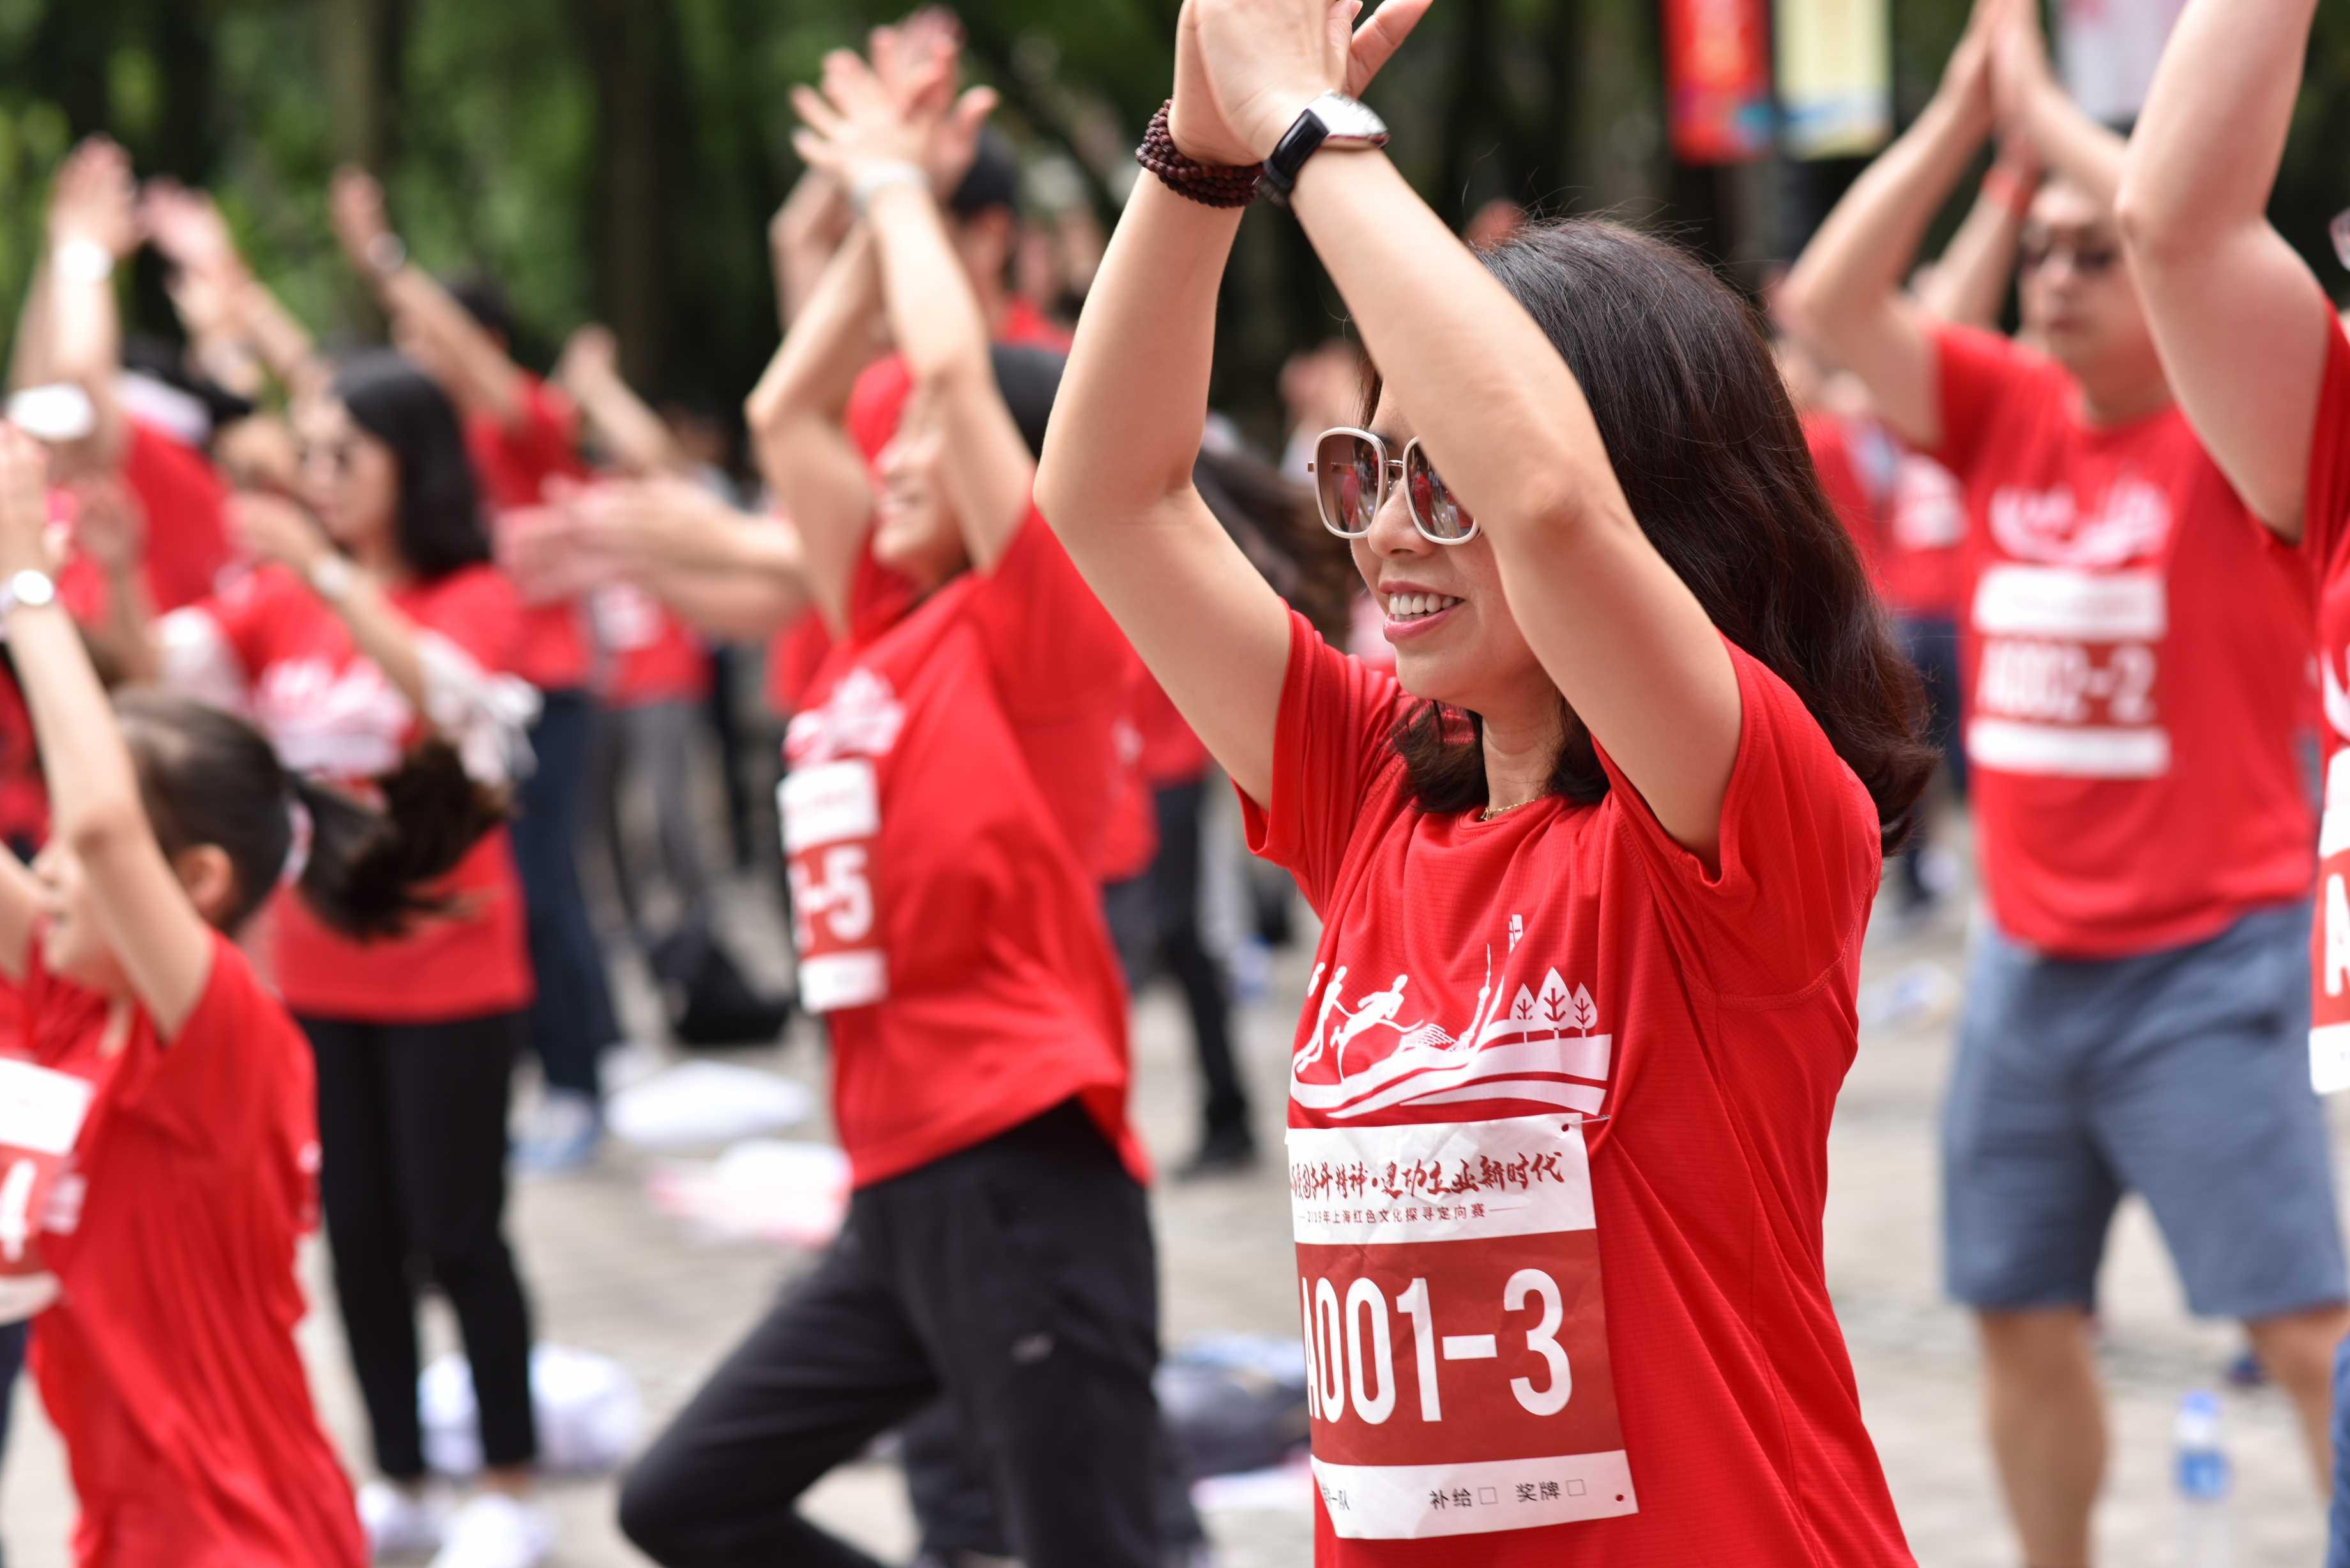 上海金融党而这个时候委定向赛-DSC_0697